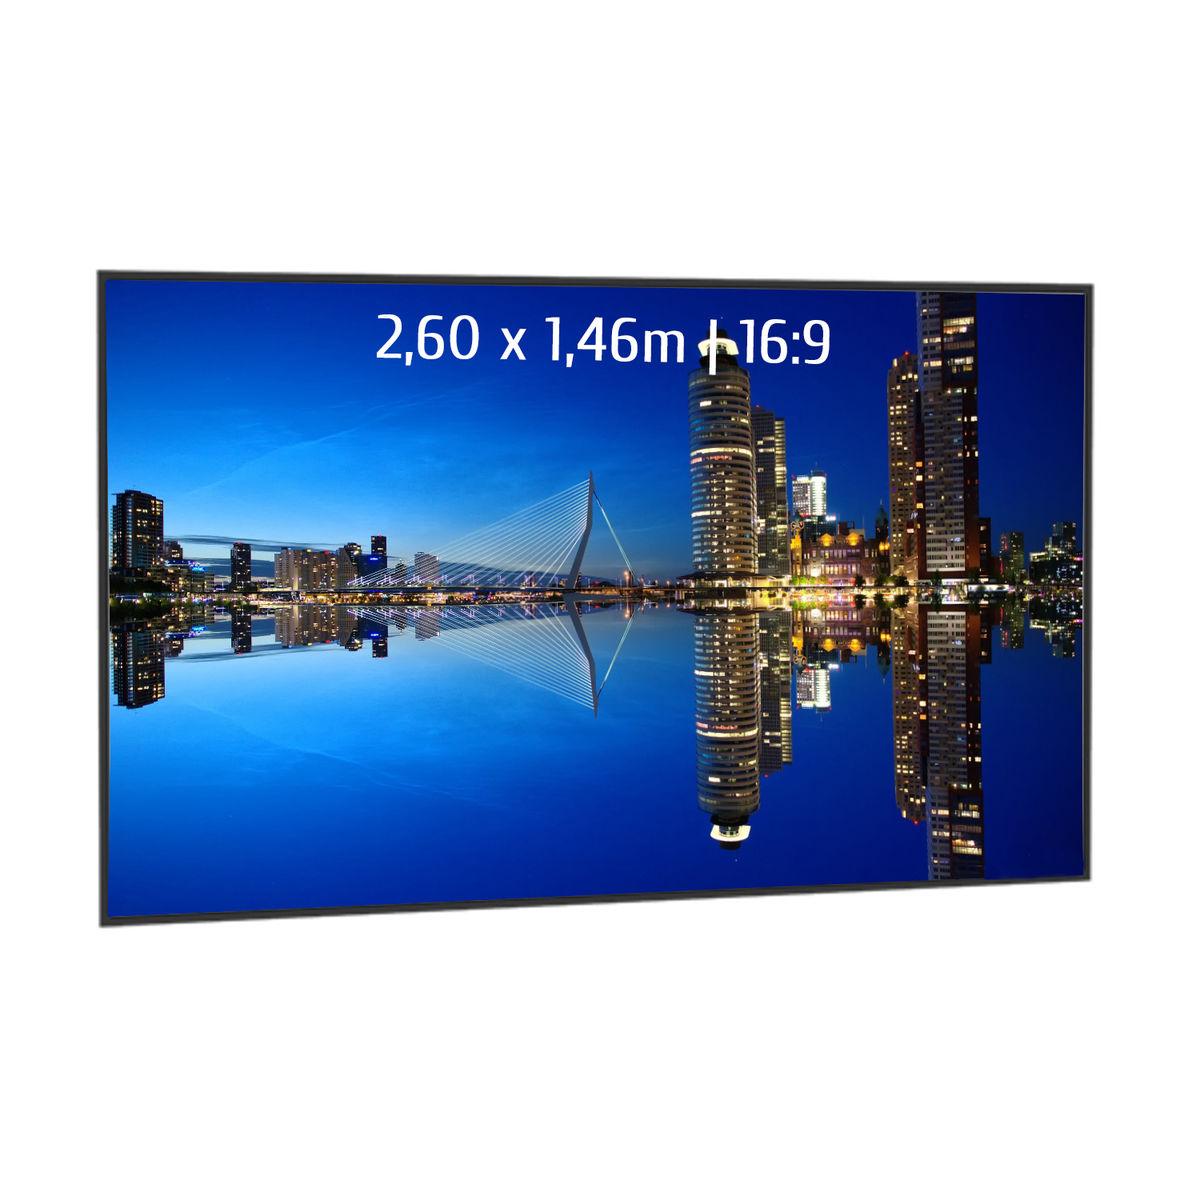 Ecran de projection 16:9 sur cadre - 2,60 x 1,46m (kimexinternational.com)